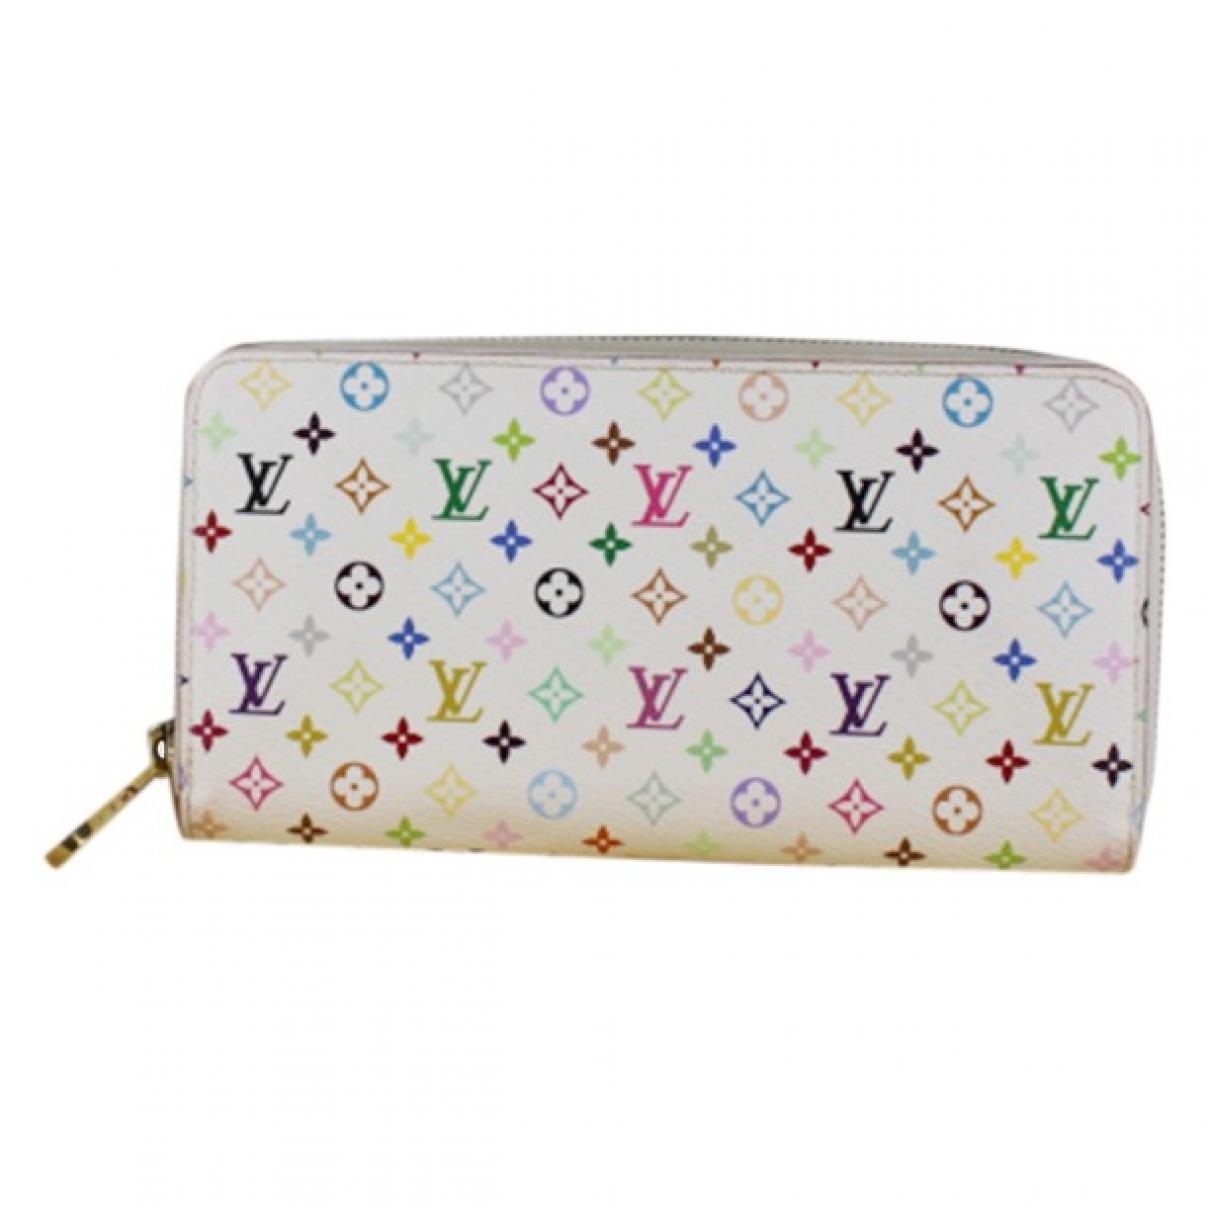 Louis Vuitton - Portefeuille Zippy pour femme en toile - blanc